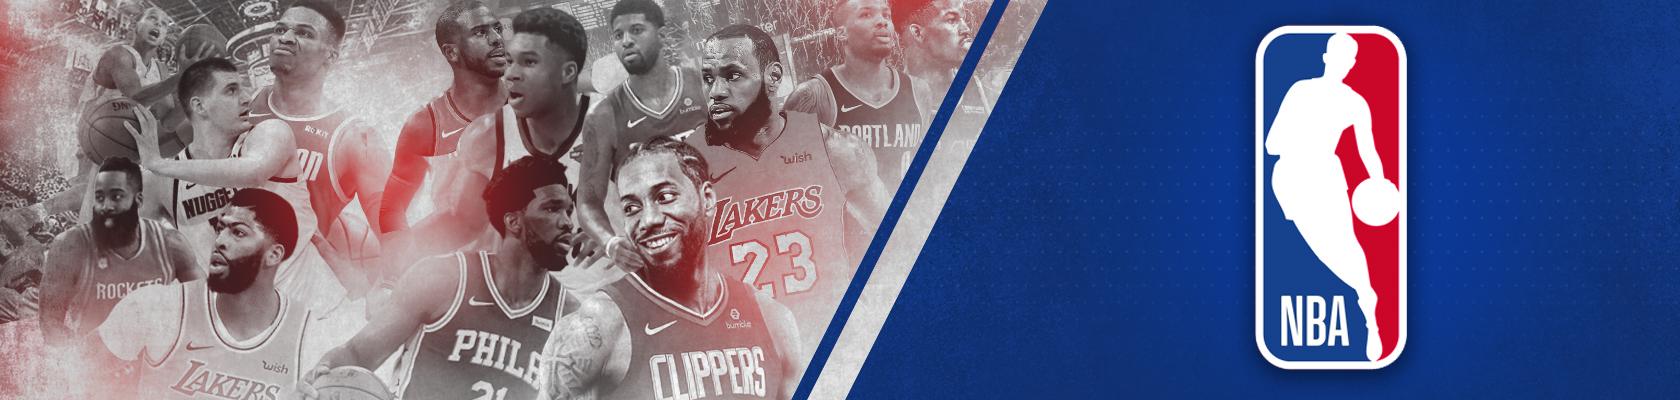 NBA - Main